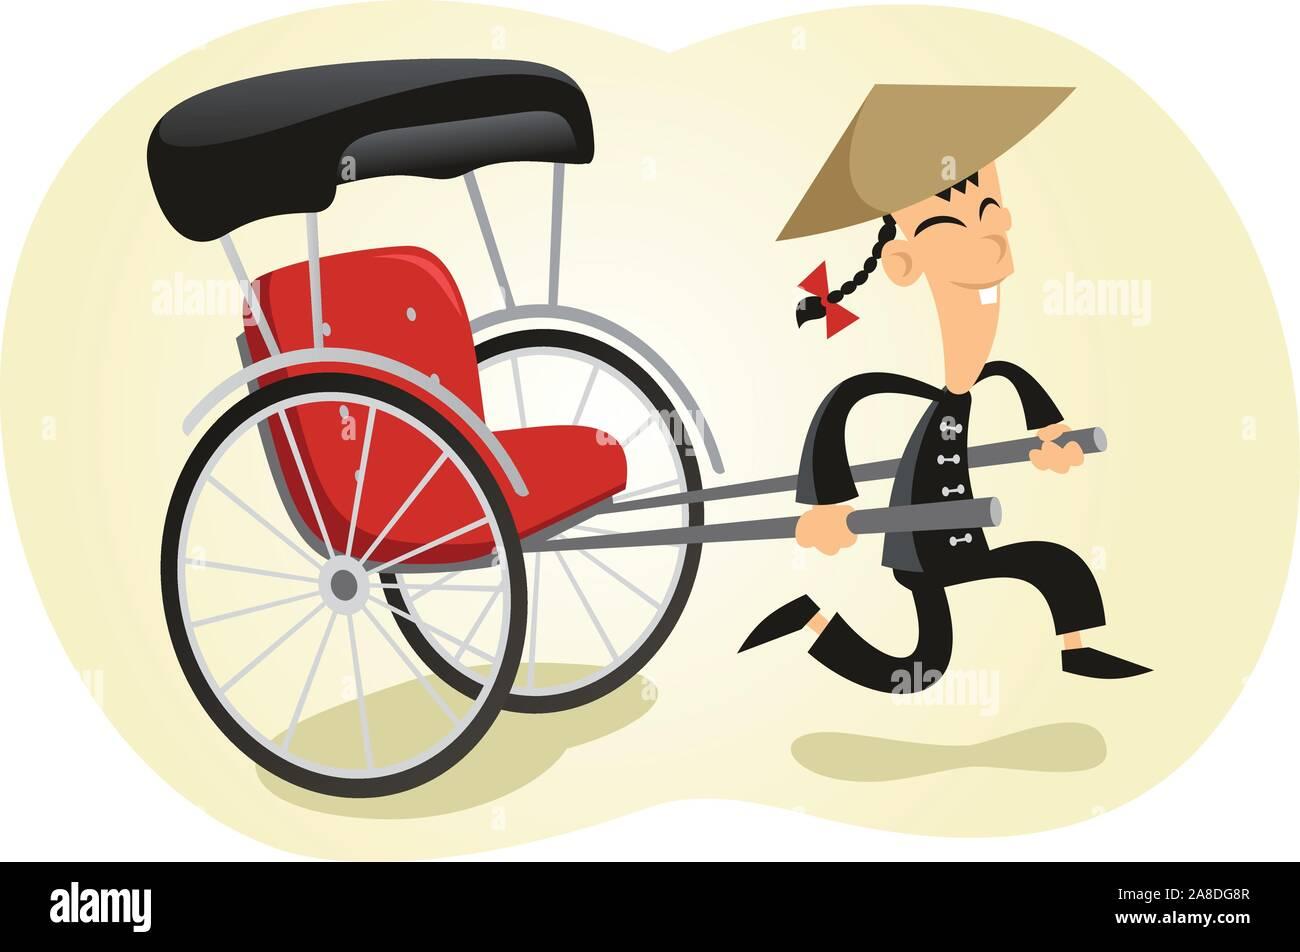 Pulled rickshaw illustration Stock Vector